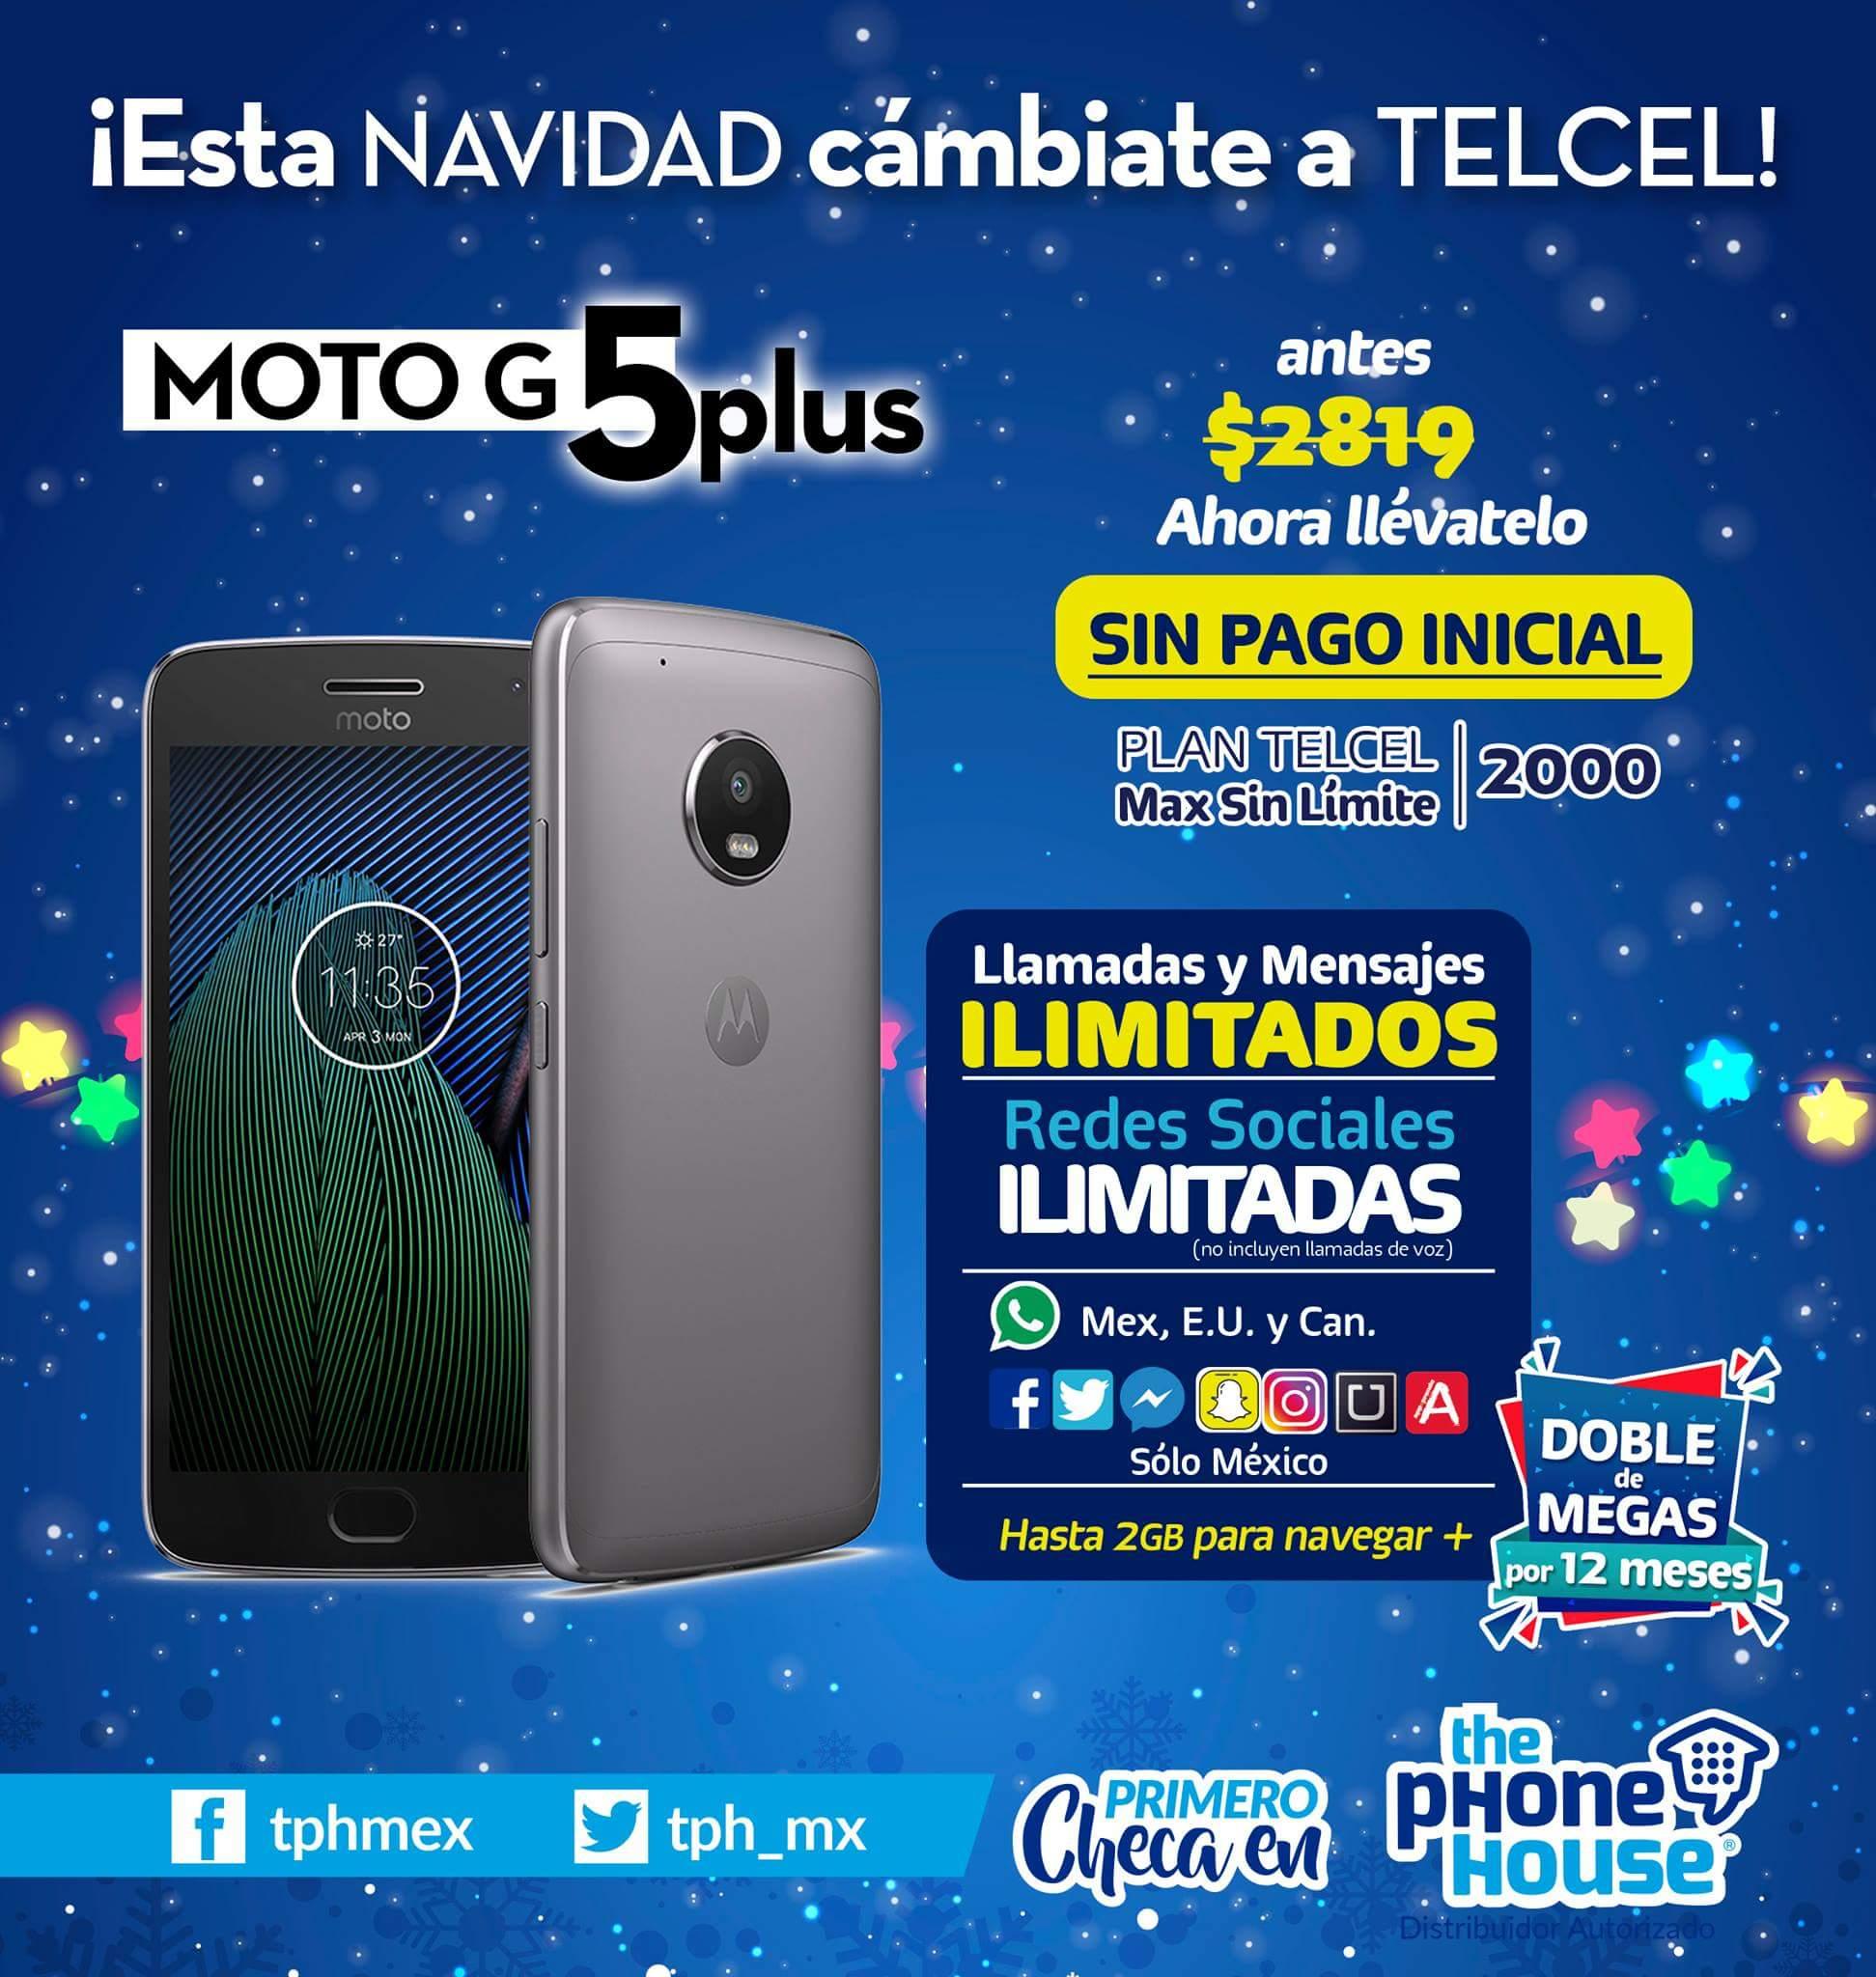 Telcel: oferta local Veracruz moto G5 plus gratis en plan $299 al aplicar portabilidad